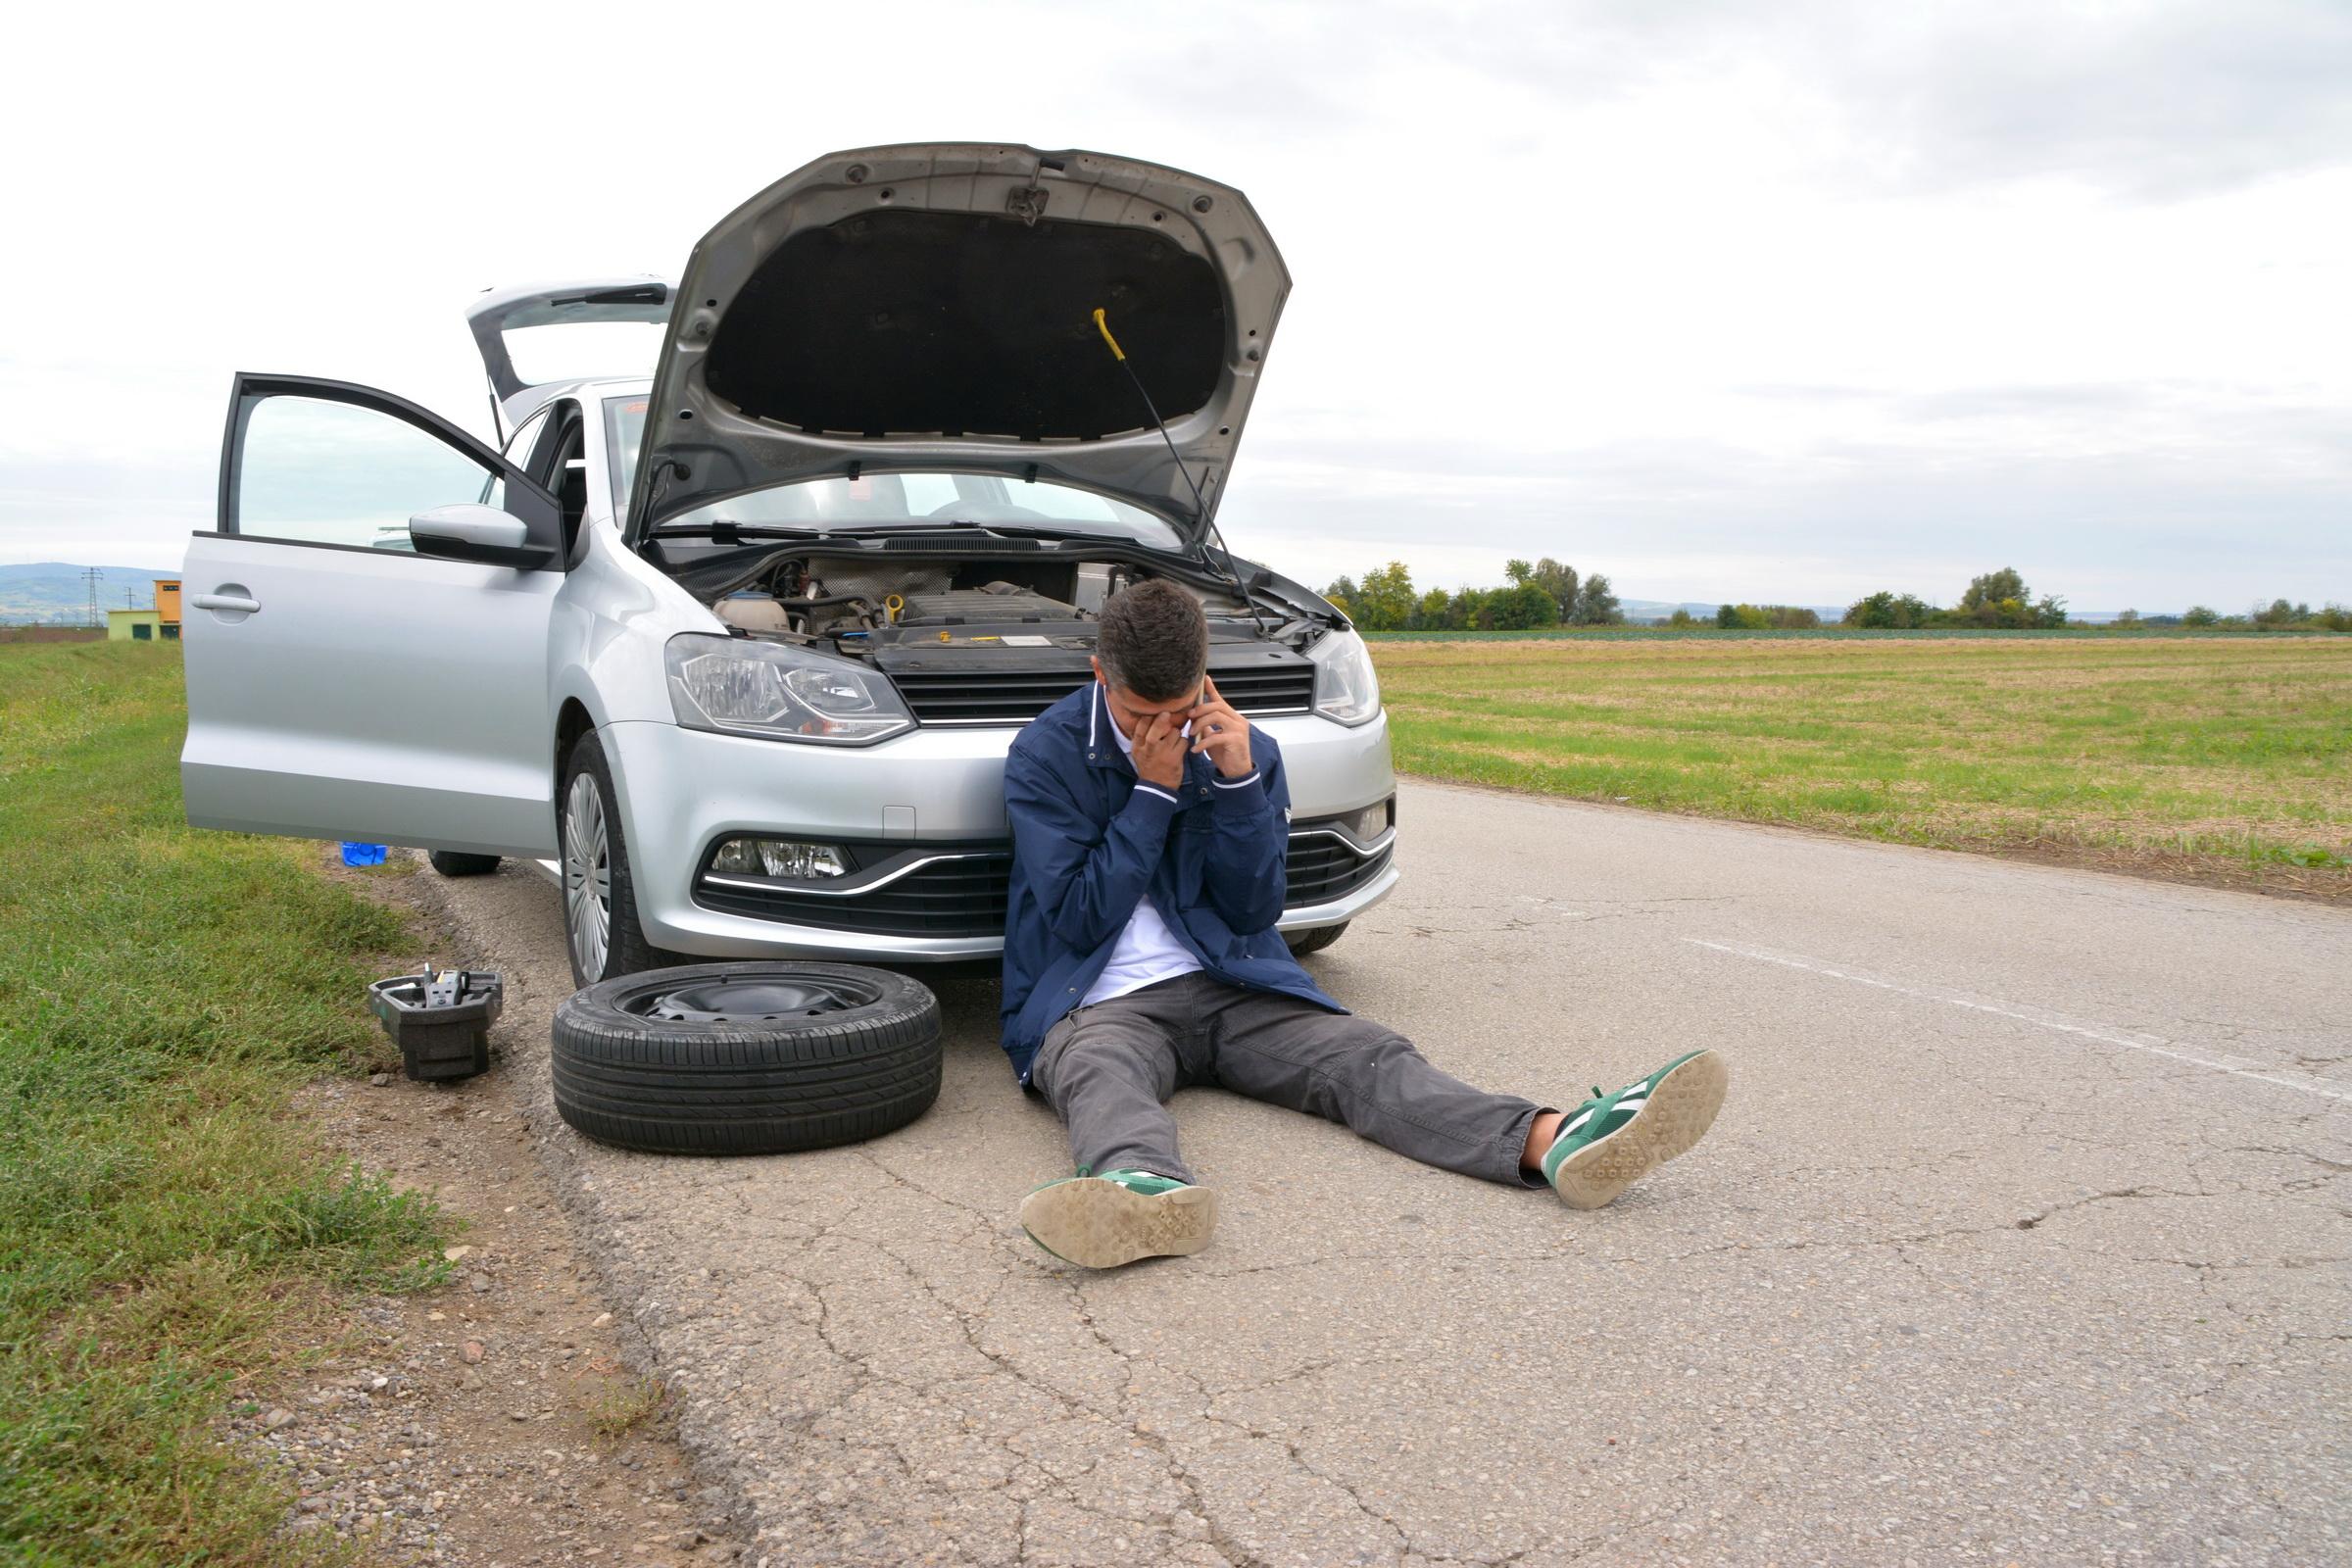 Šta kada se auto pokvari na putu – bezbedno zaustavljanje i mere opreza